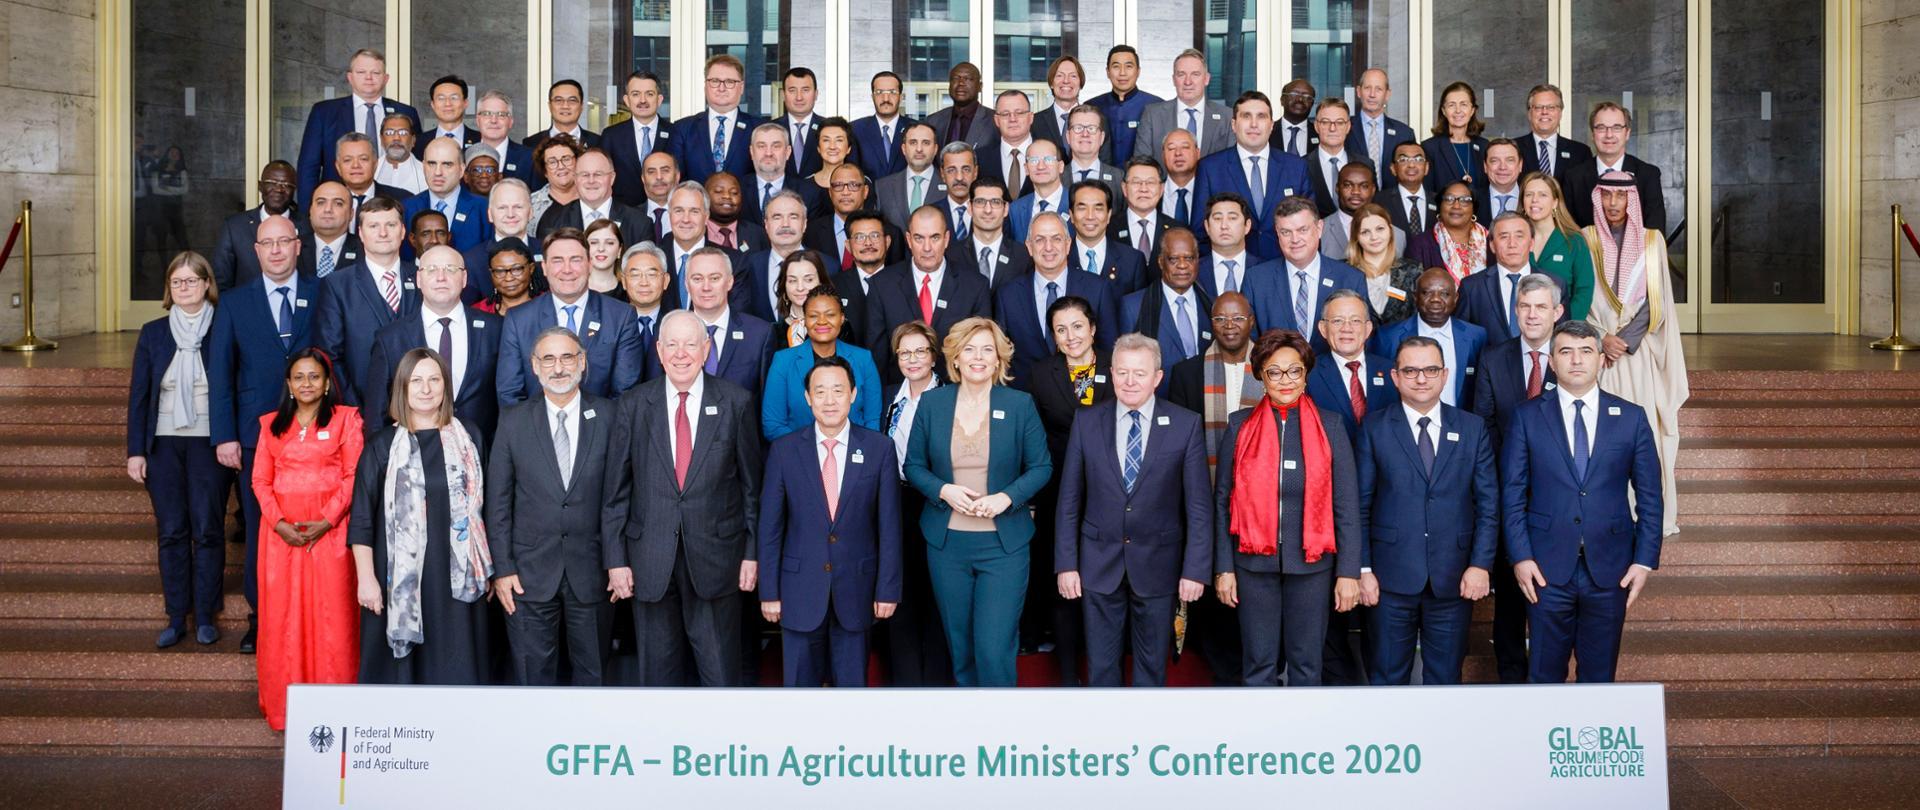 Platforma dla światowych spraw żywnościowych